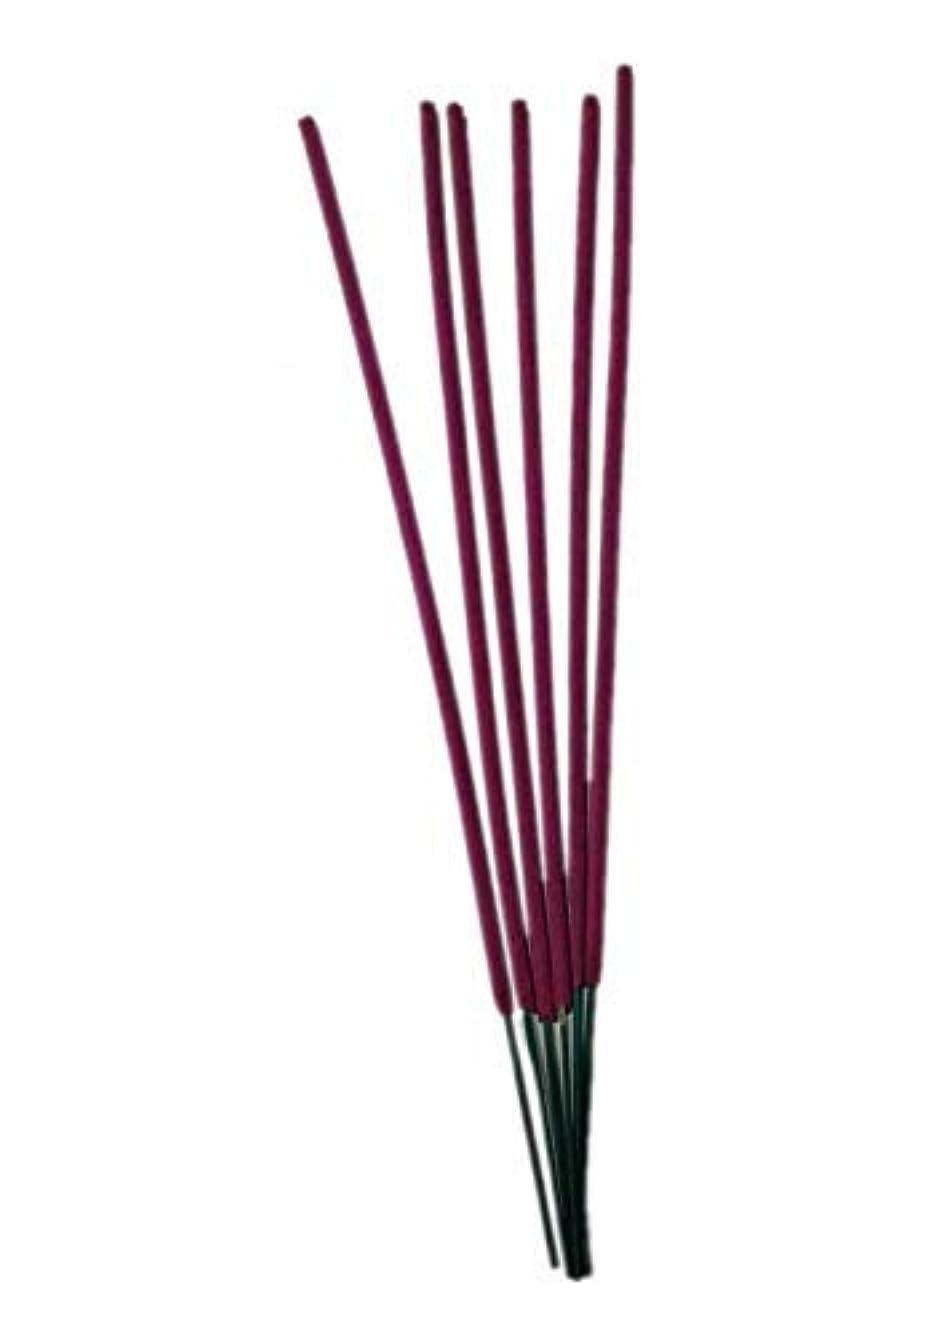 メタルライン注目すべき条件付きAMUL Agarbatti Pink Incense Sticks (1 Kg. Pack)